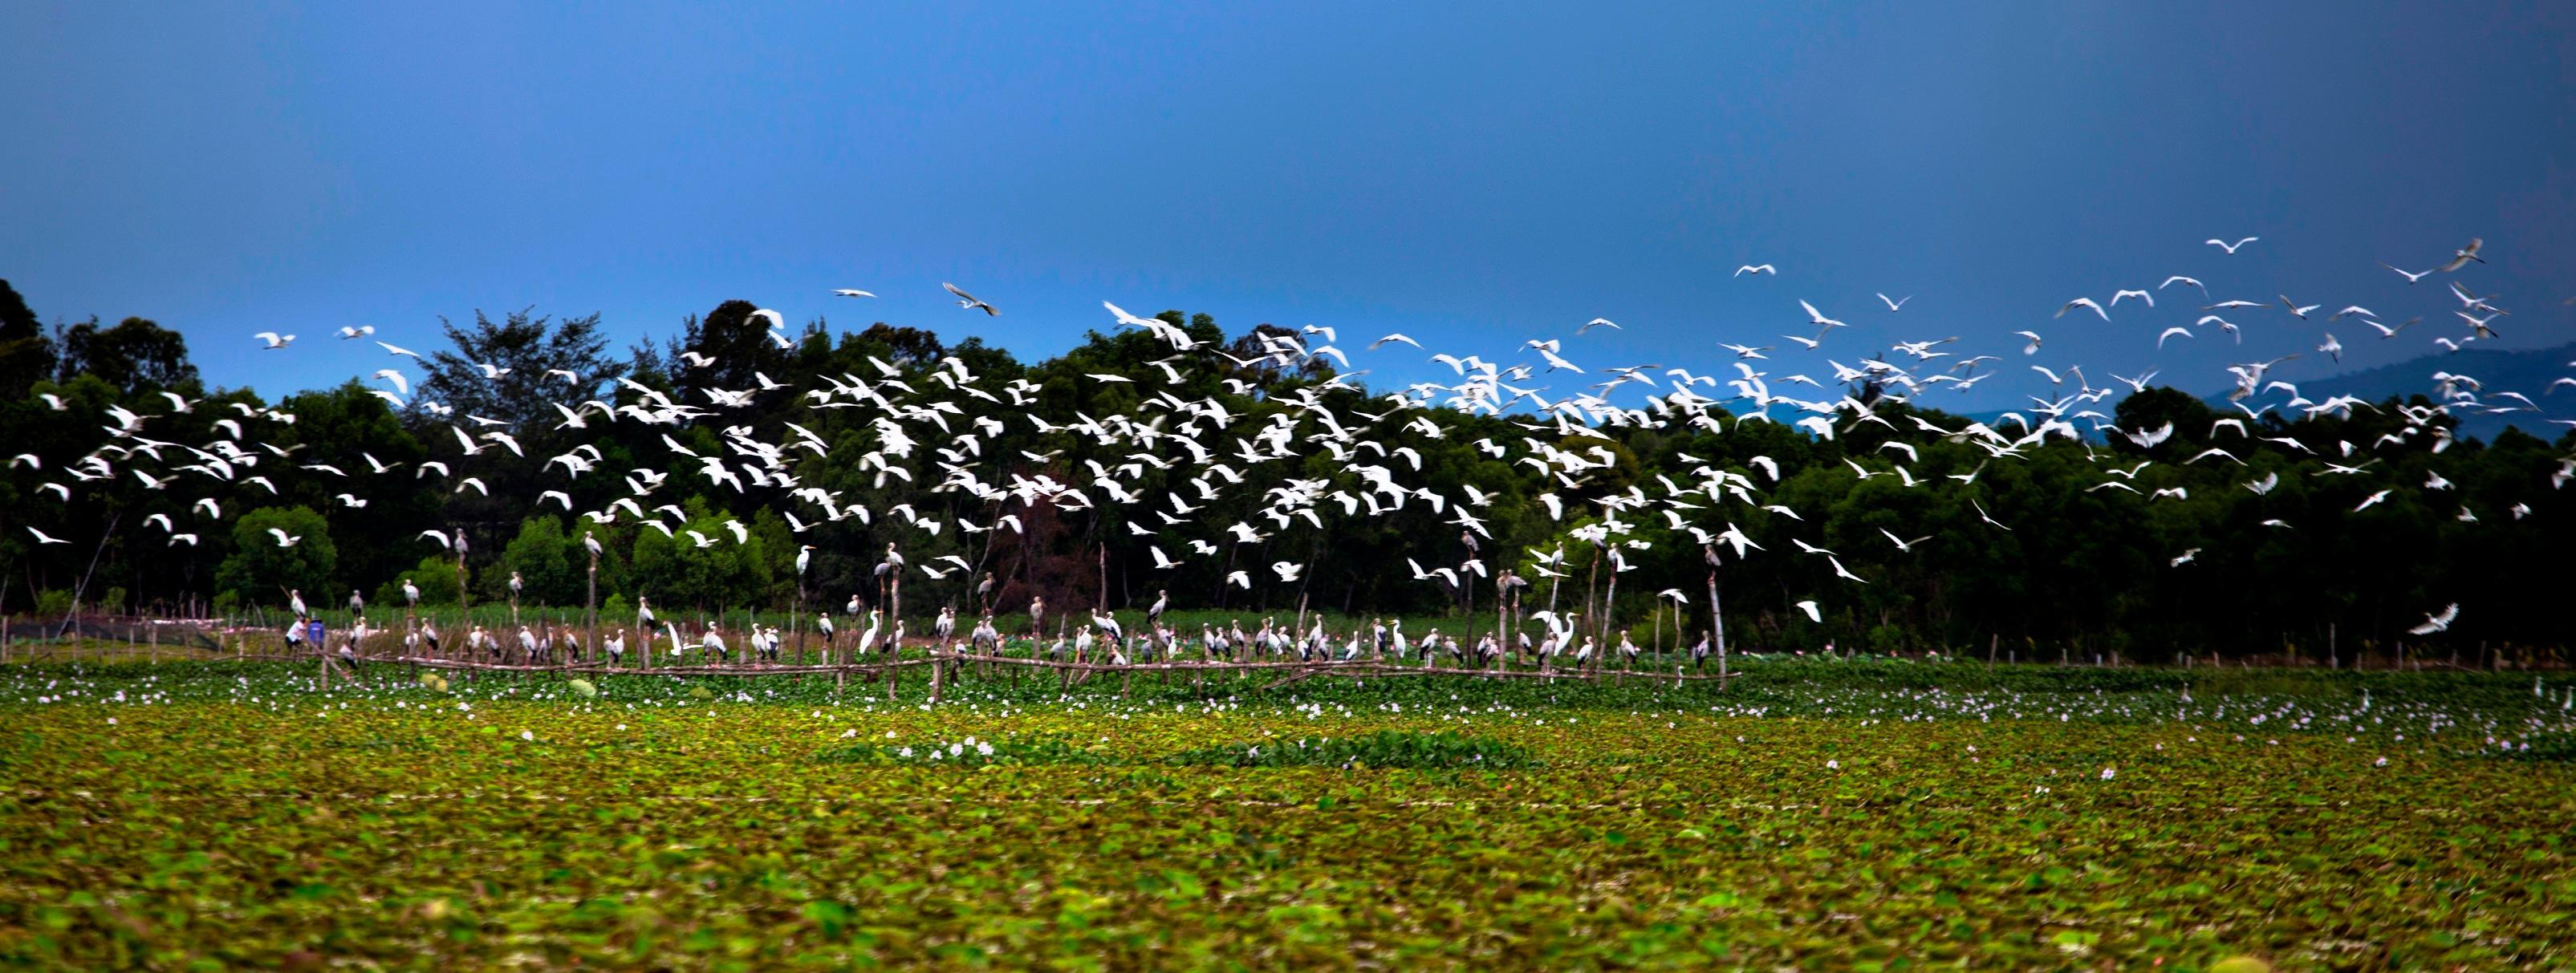 Chim cò di cư đậu kín sông Đầm Ảnh 6